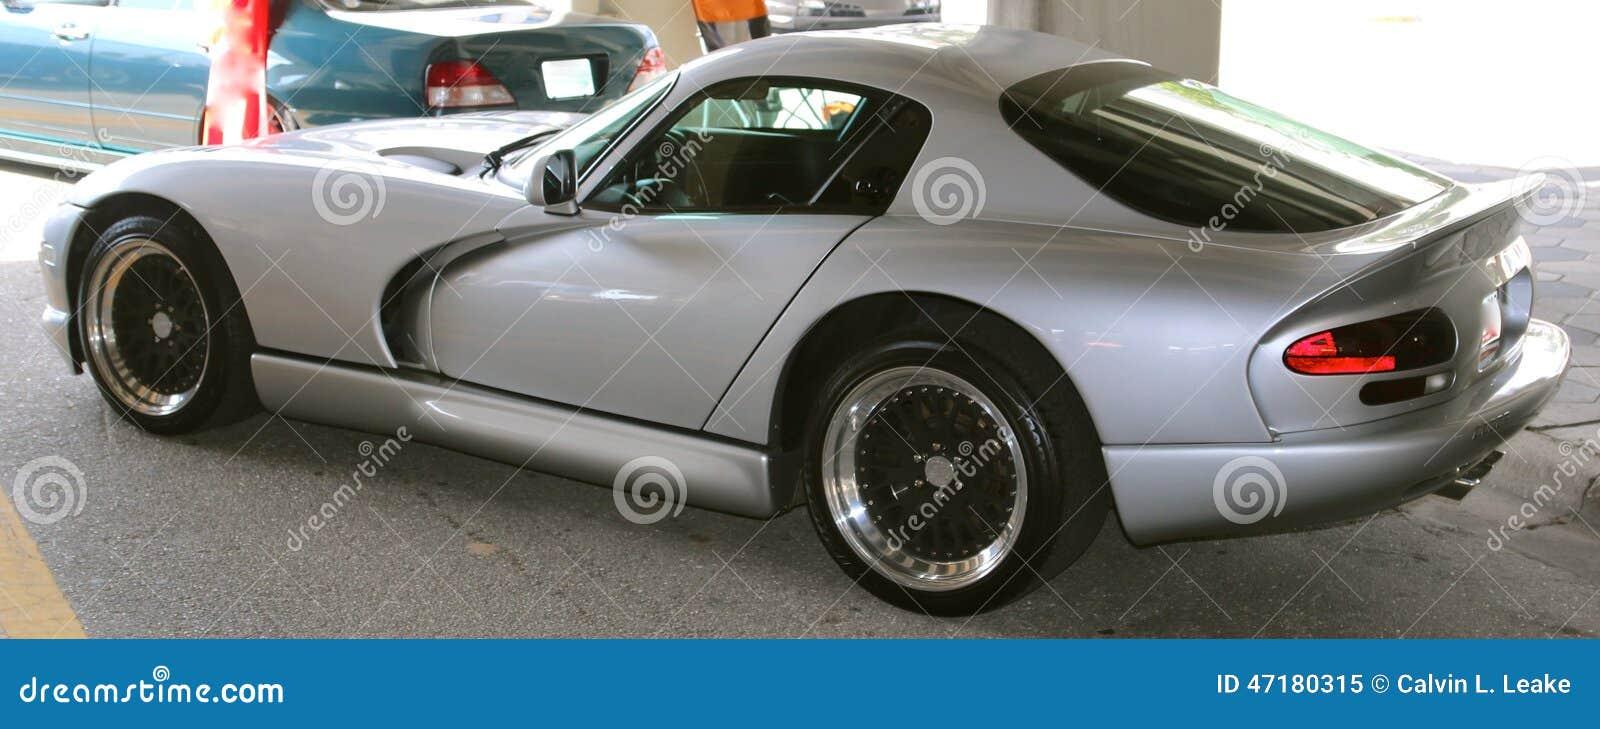 Dodge Viper Sports Automobile Editorial Image - Image: 47180315